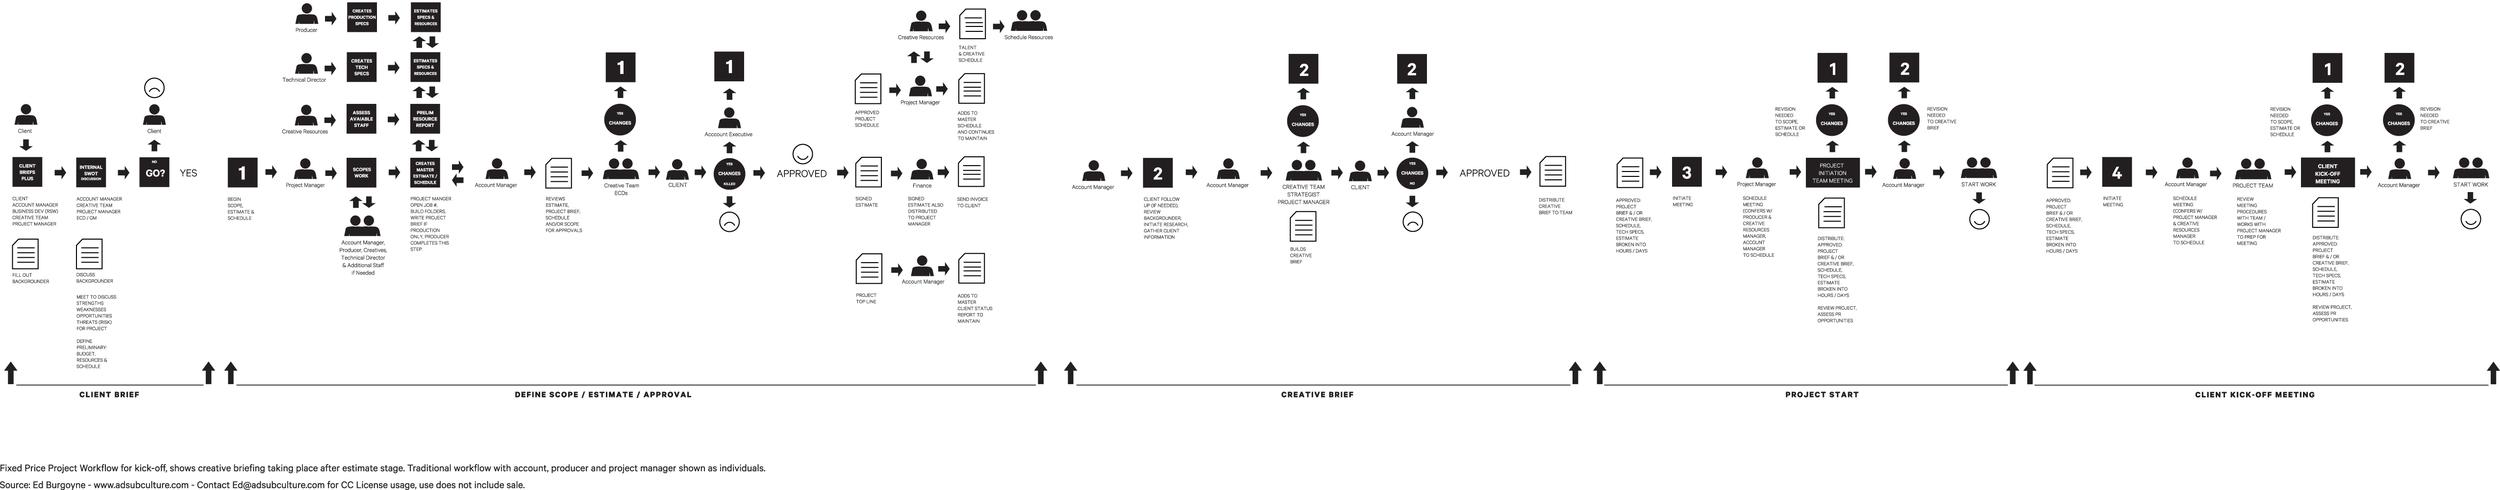 FPPI2_Chart.jpg